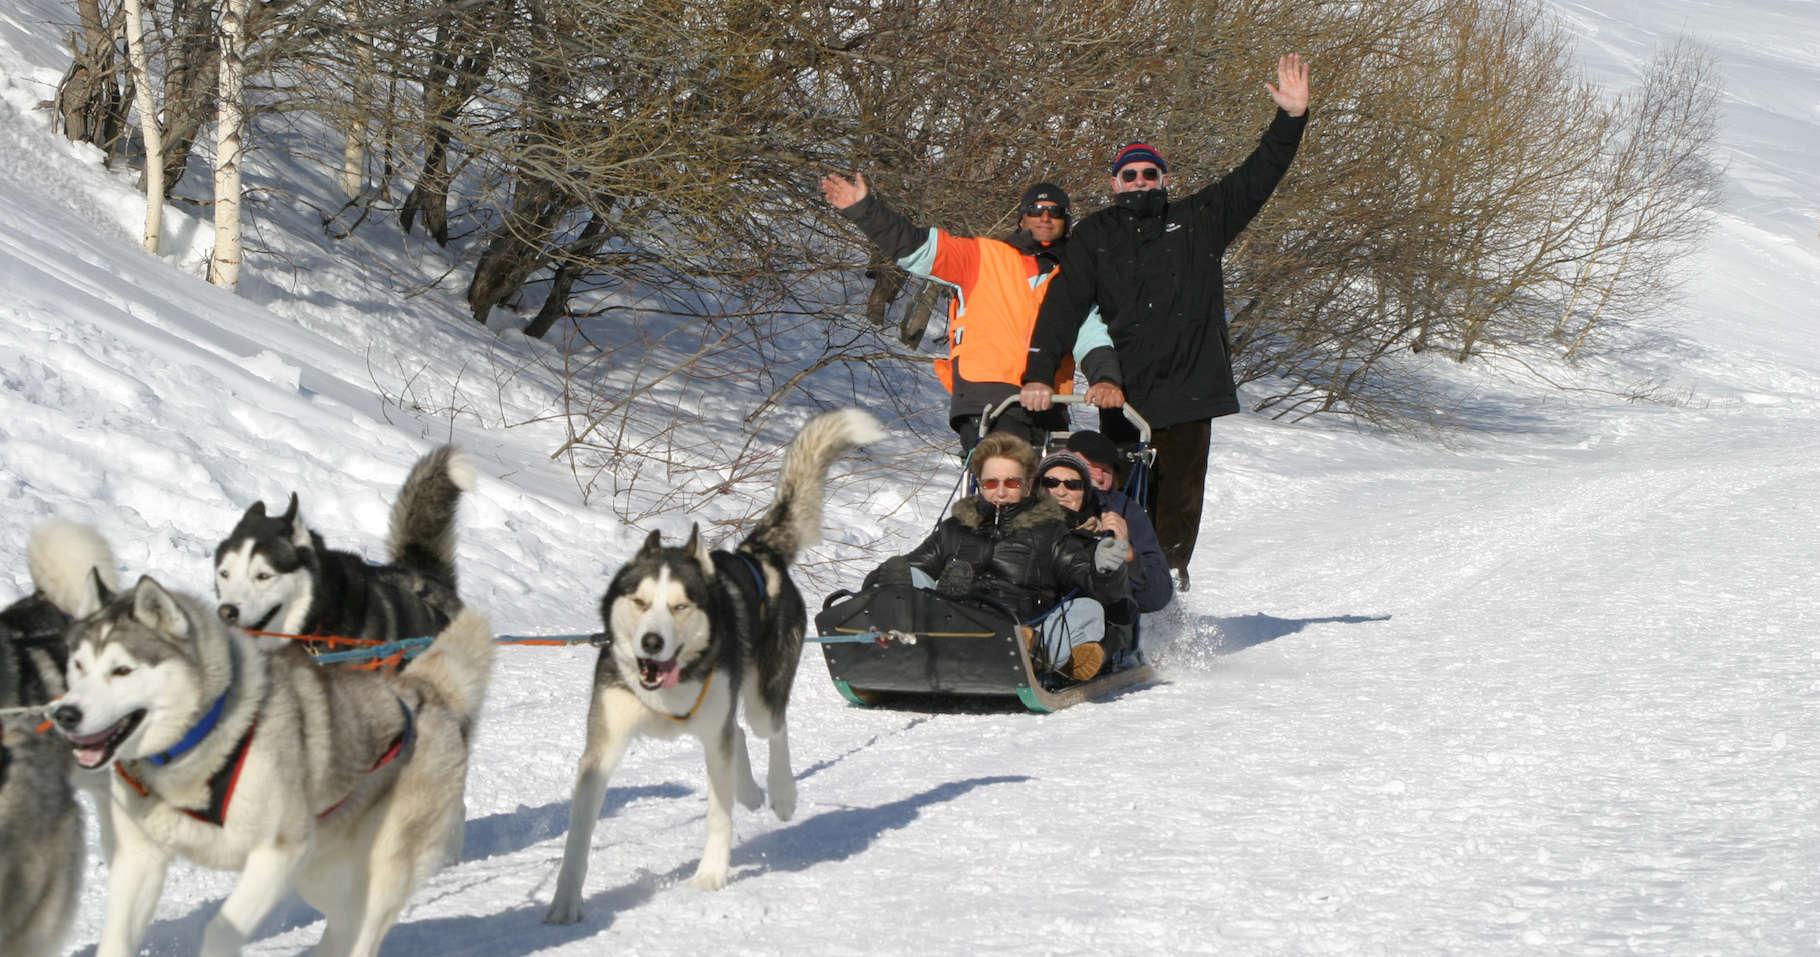 Chalet à louer au Québec   face au lac   4 saisons Le Cocooning L'Ascension   Promenade traineau à chien